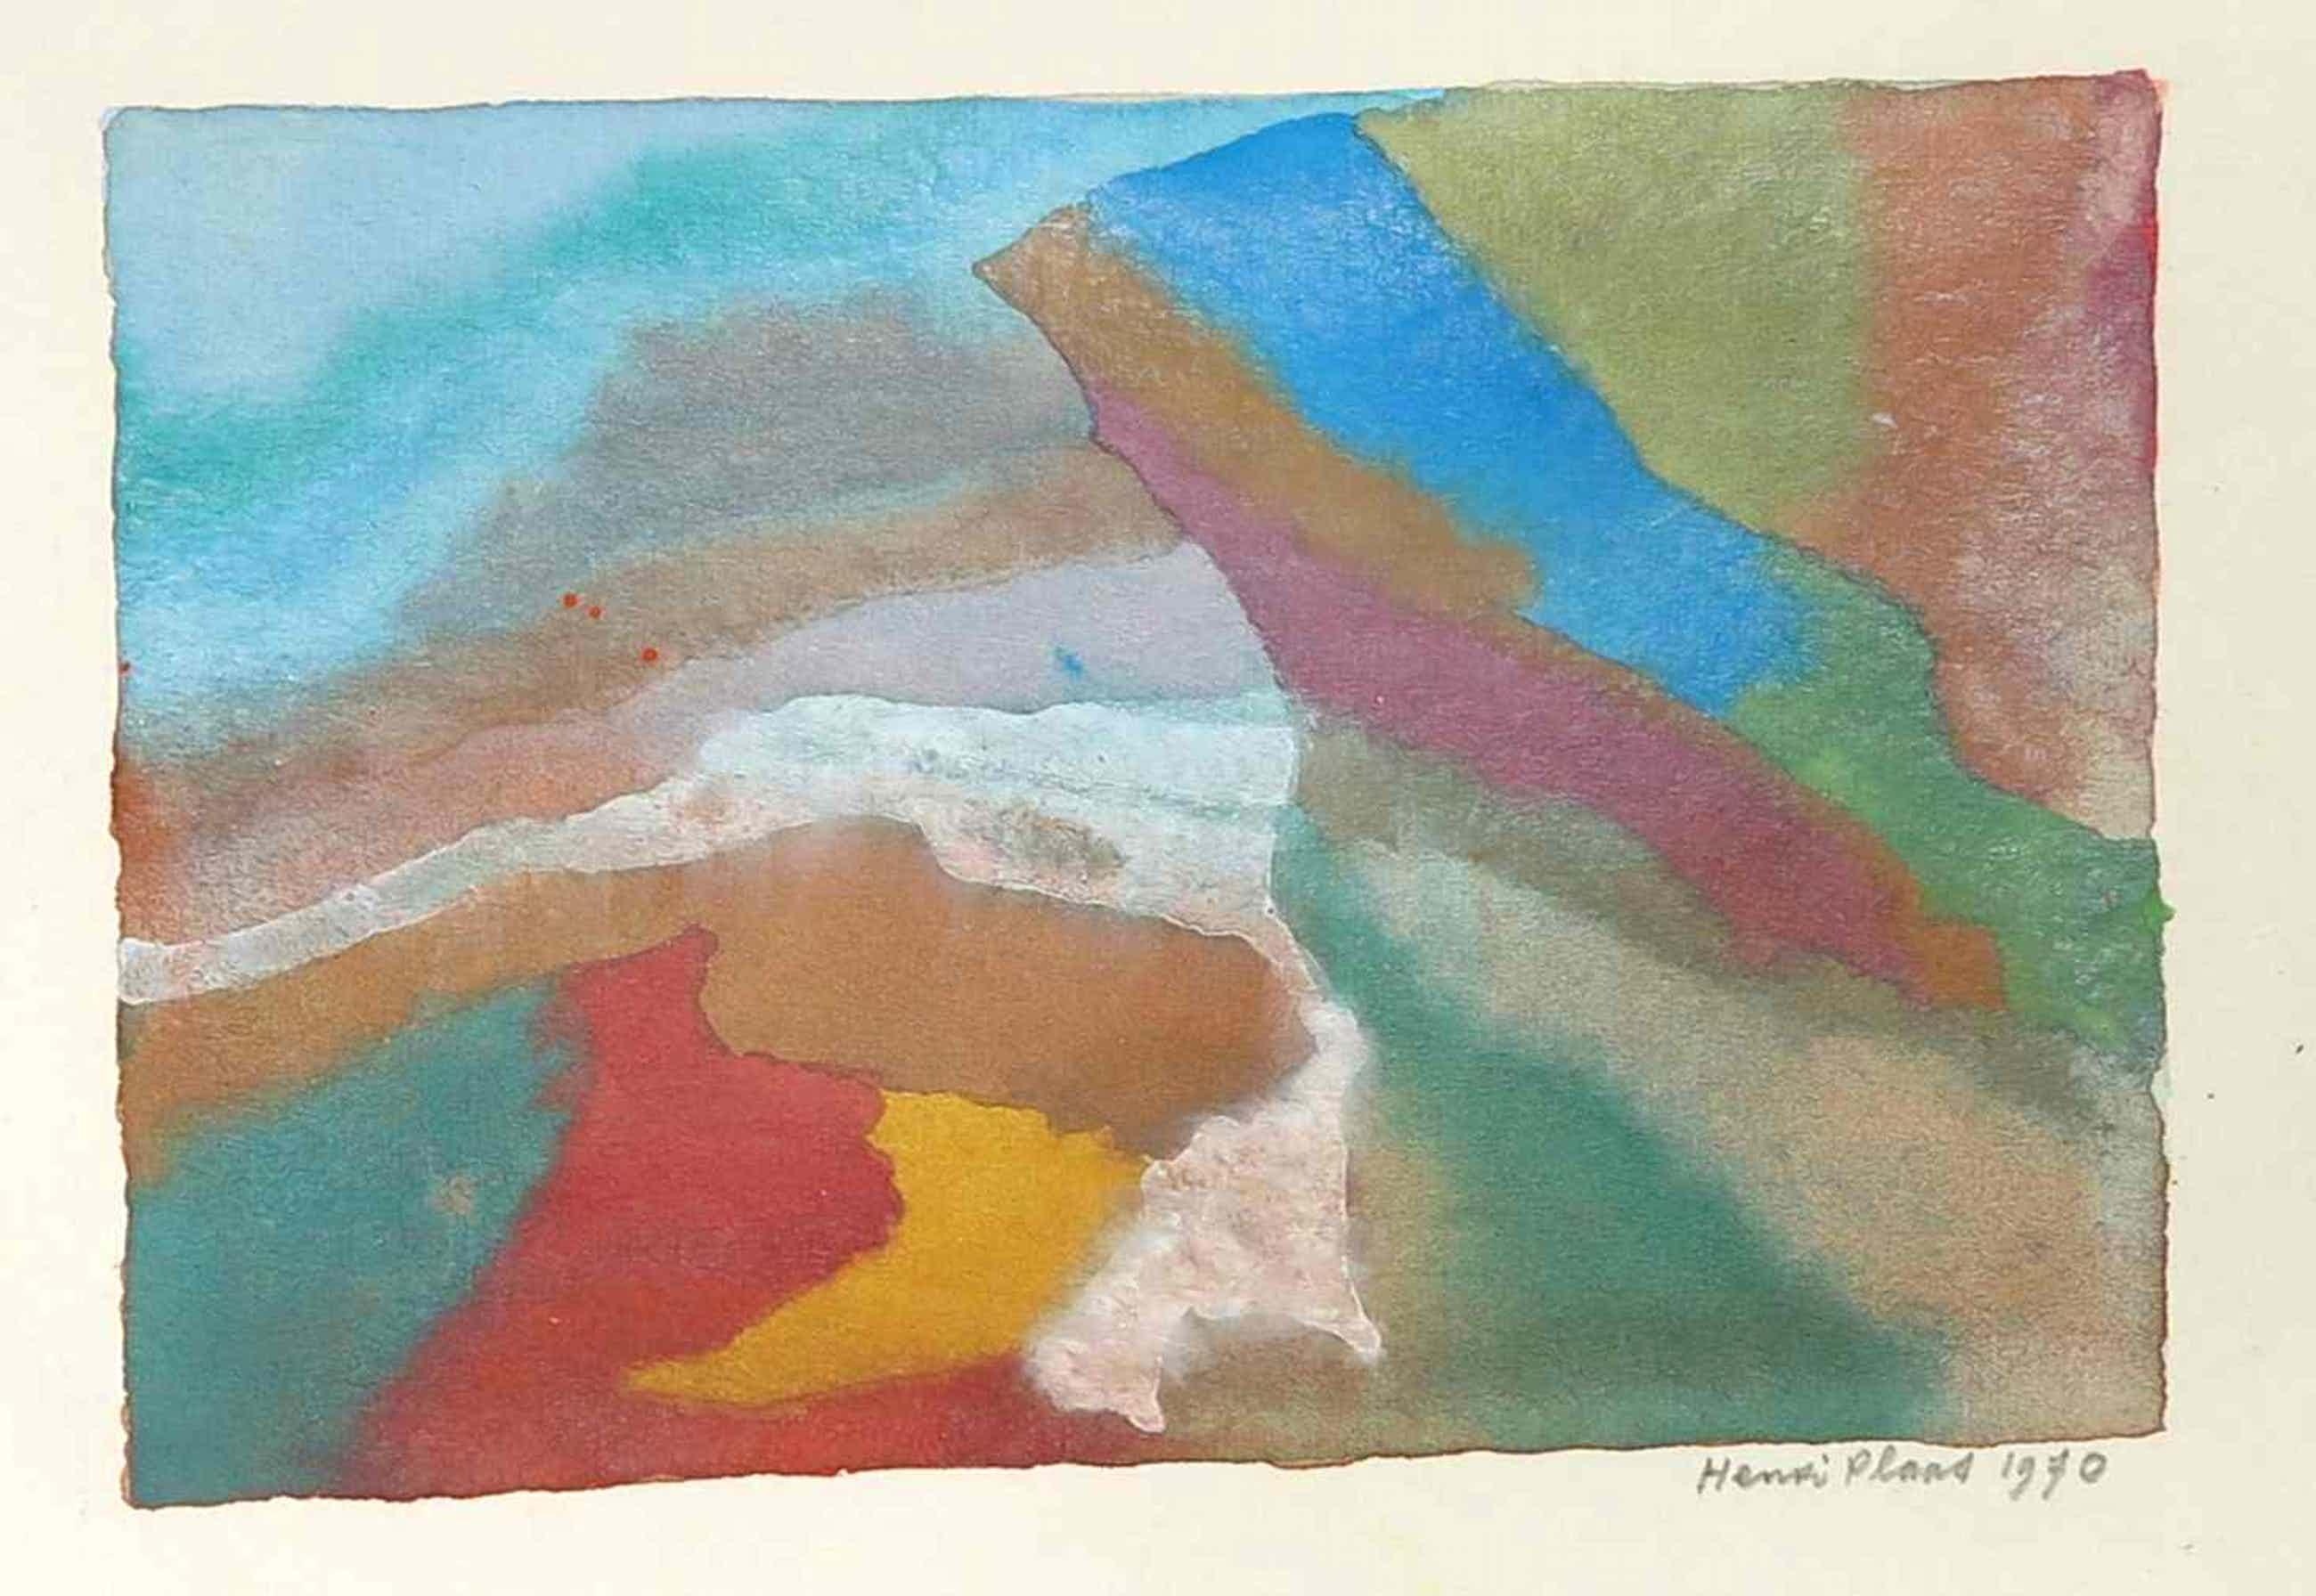 Henri Plaat - Gouache, Abstracte compositie kopen? Bied vanaf 35!